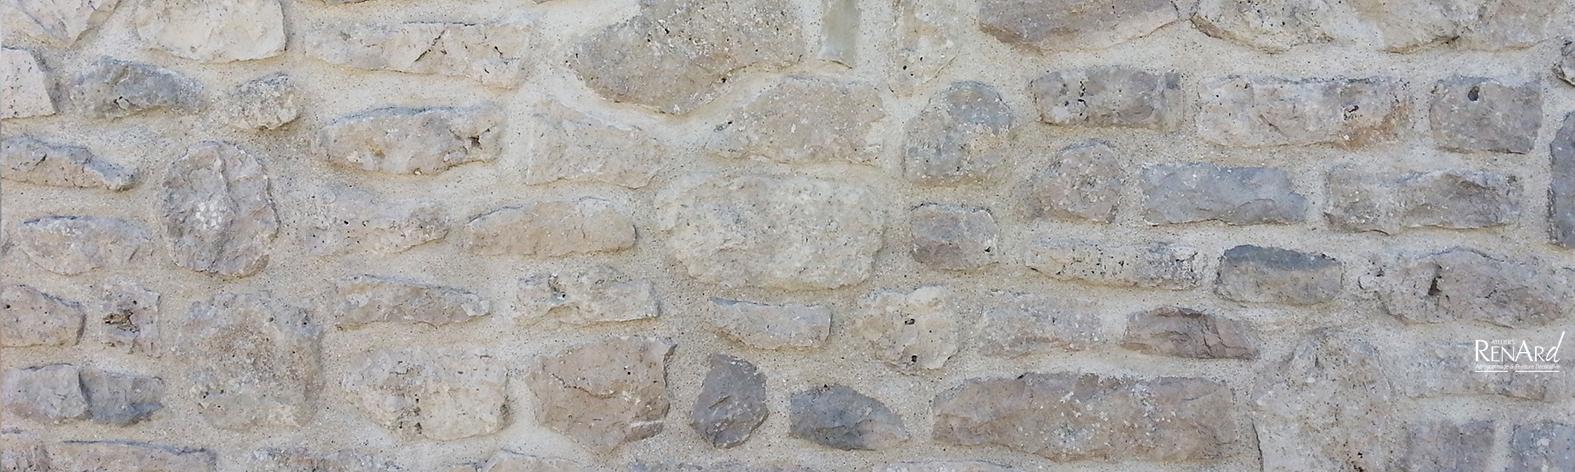 aérogommage hydrogommage pierre facade